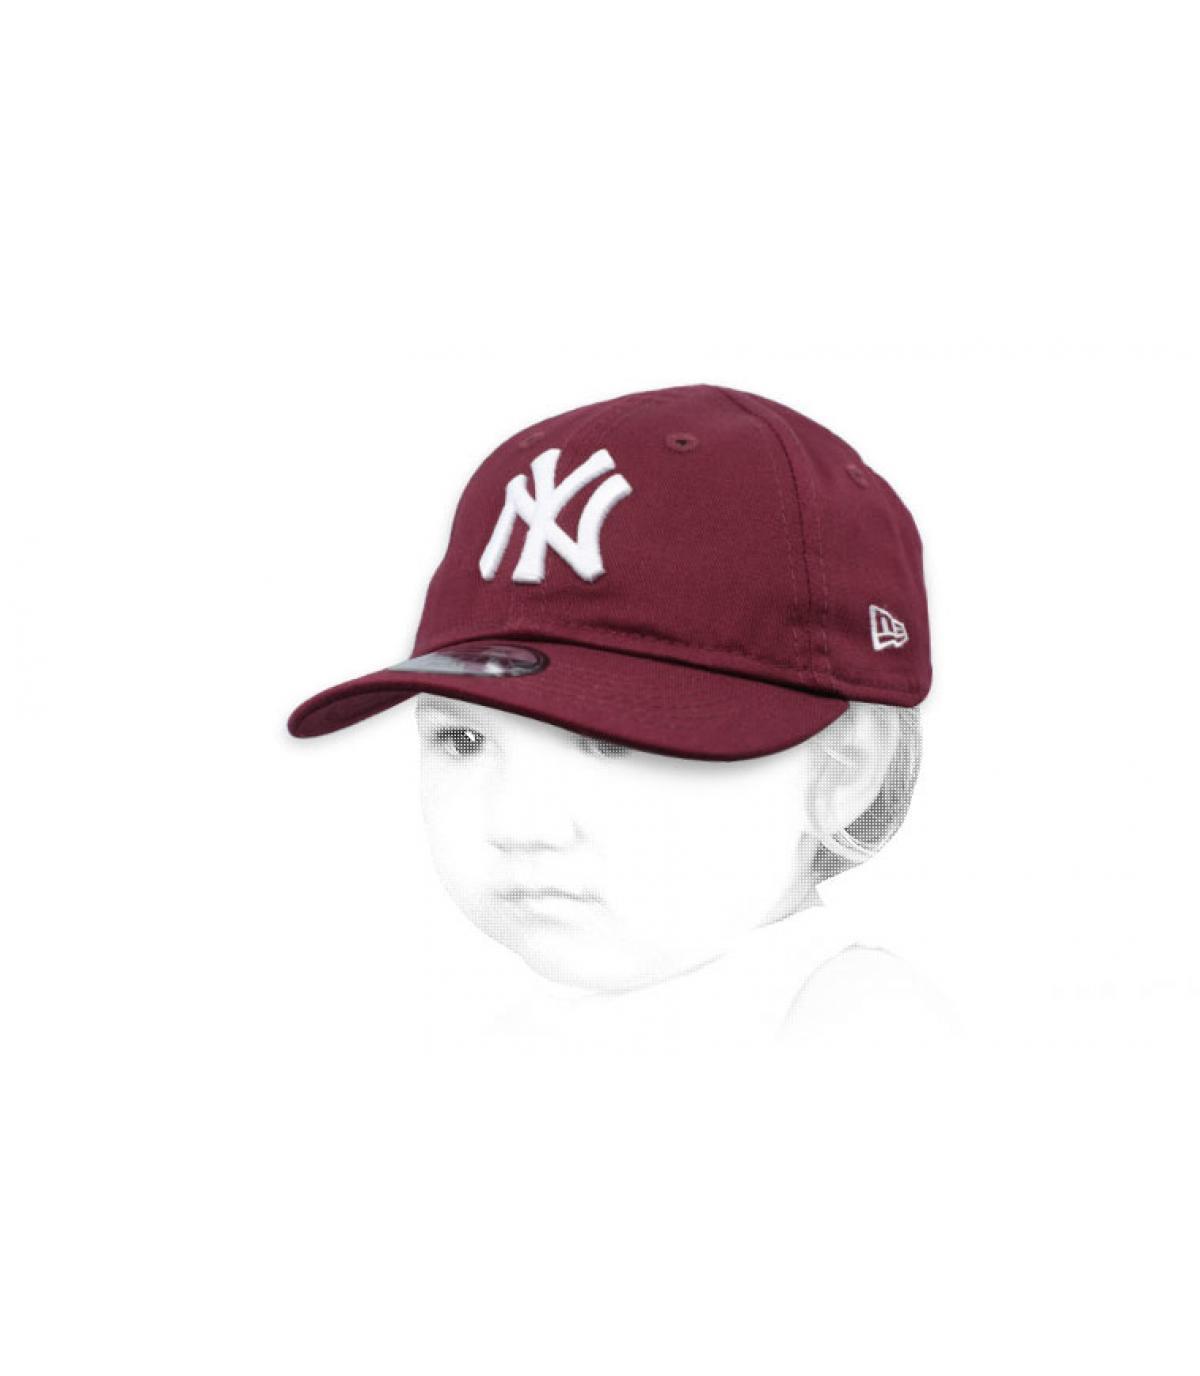 purple NY cap baby